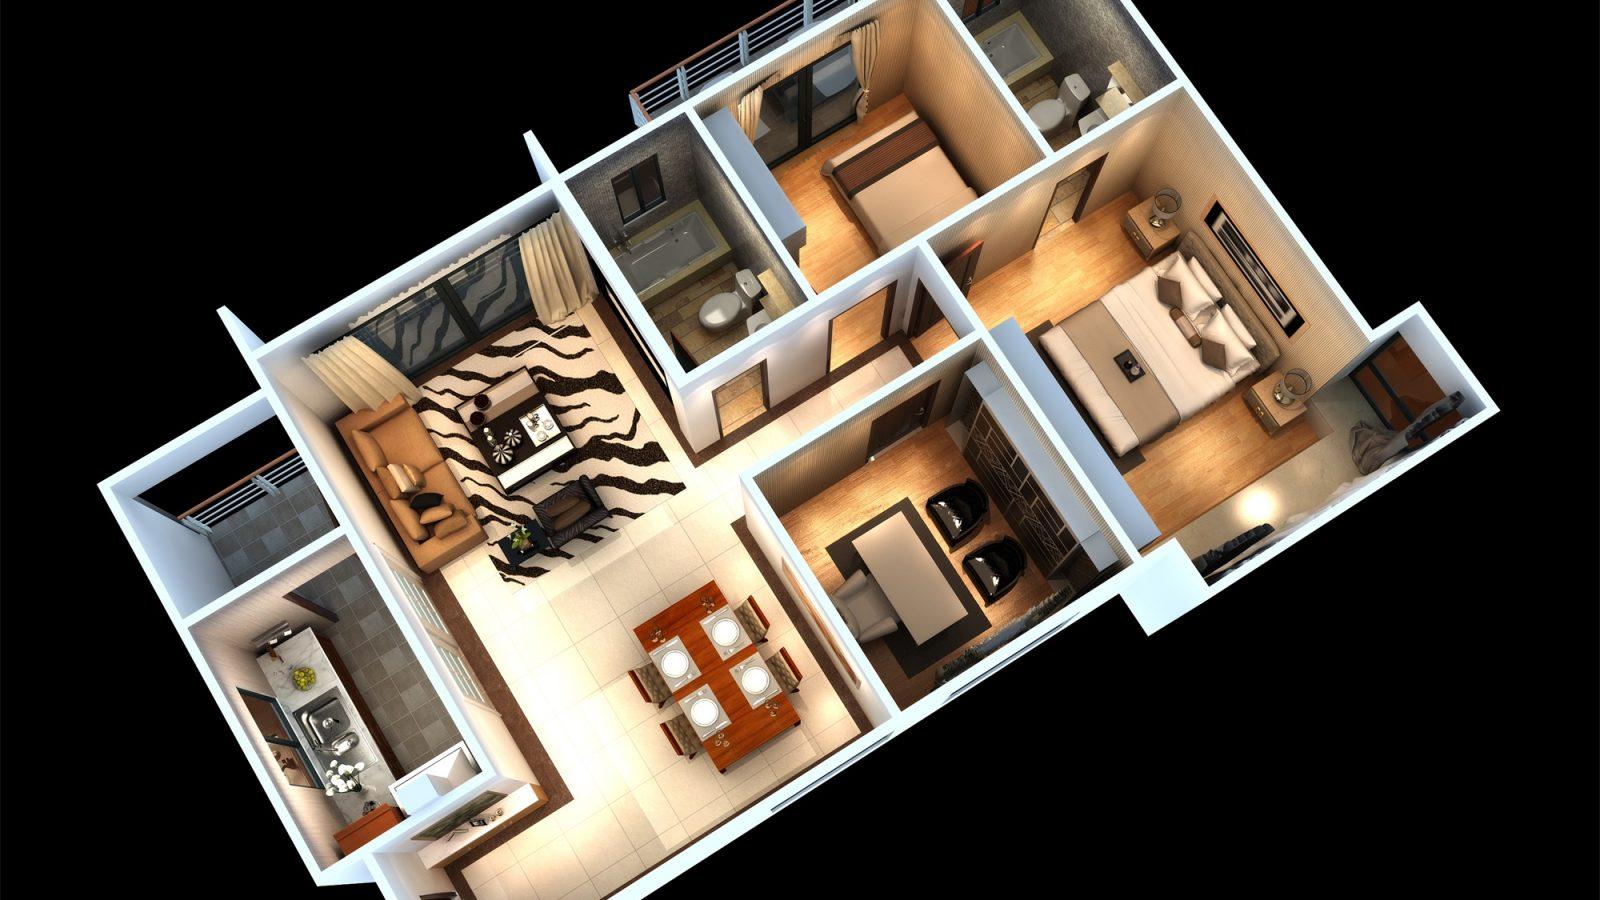 AIMIR CG 3D floor plan (3)